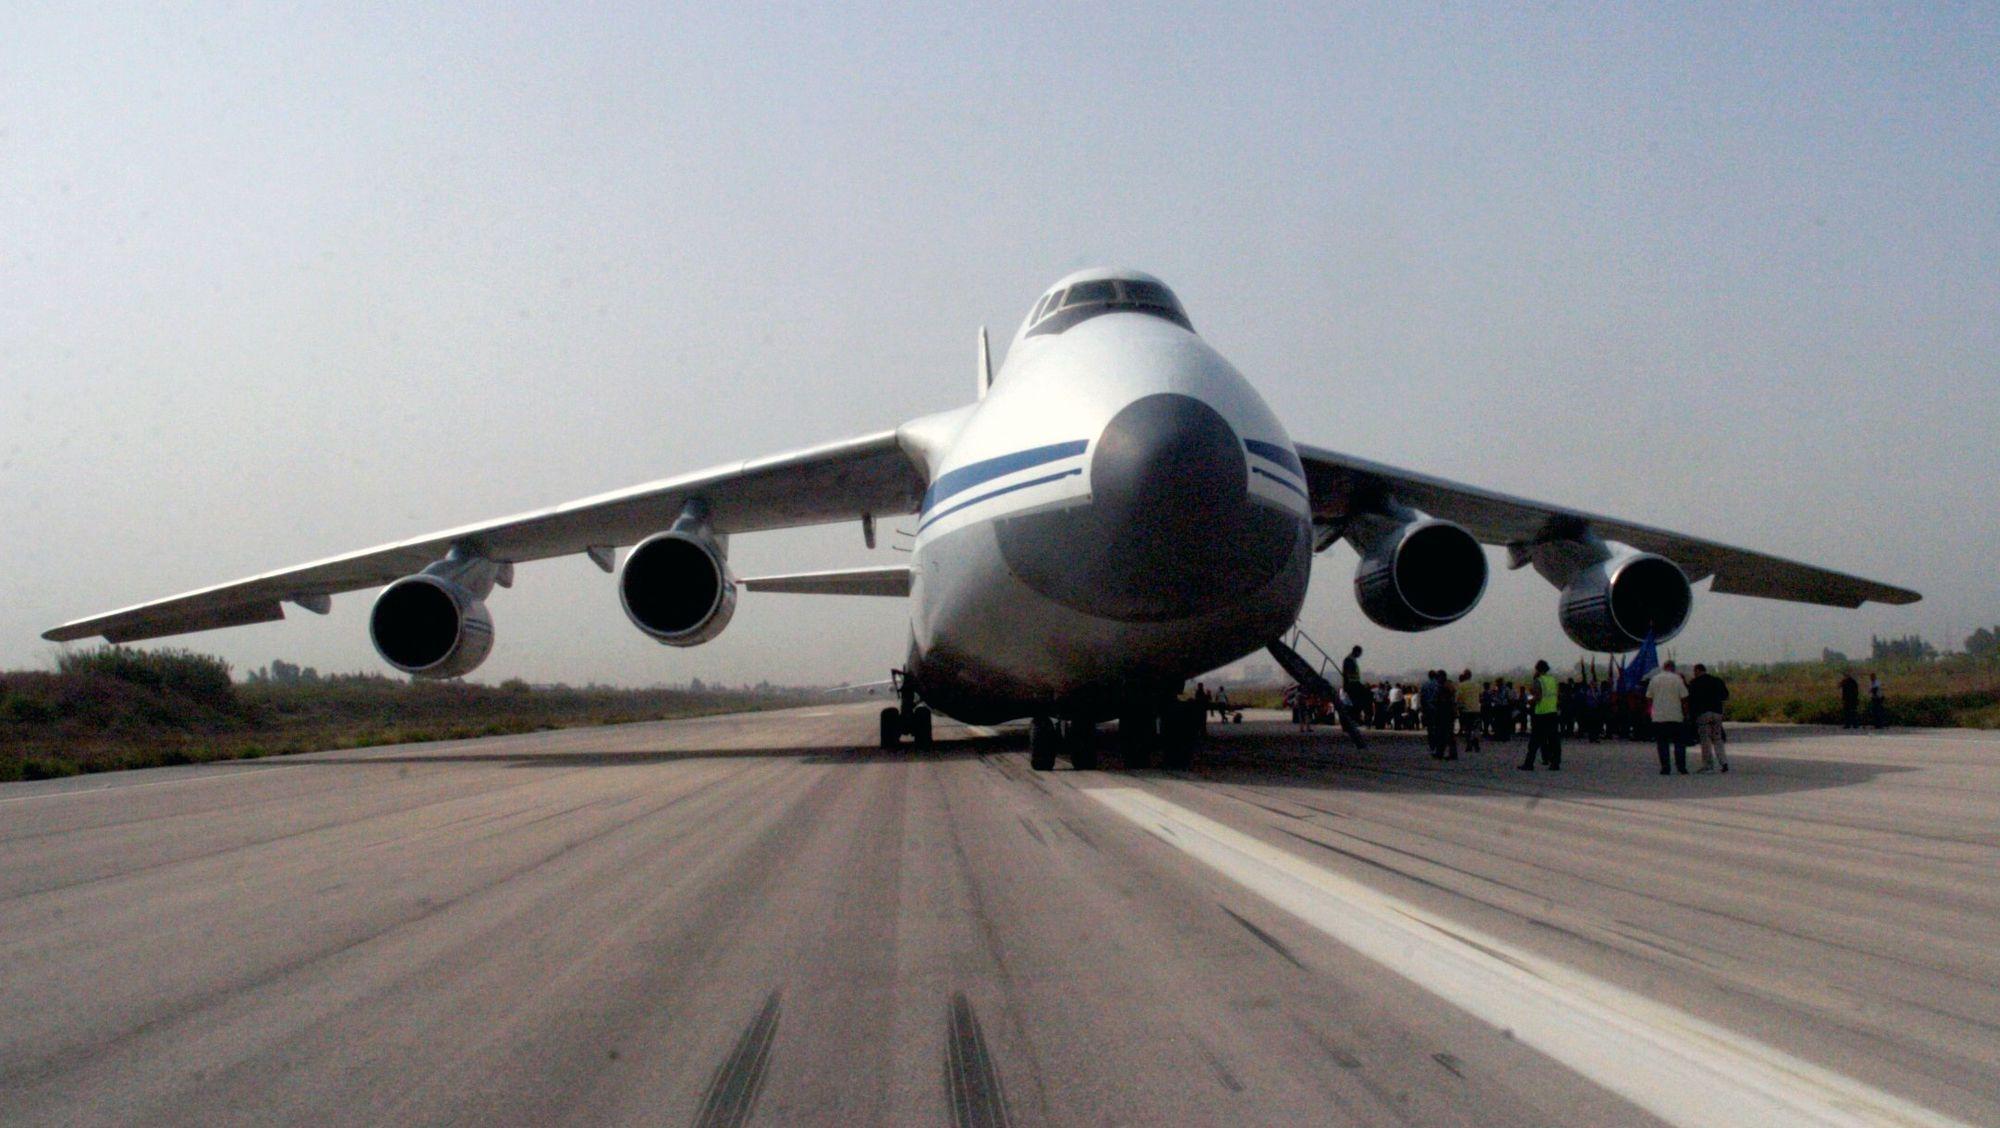 L'avion russe apportant de l'aide humanitaire en train d'être déchargé à l'aéroport de Lattaquié en Syrie.